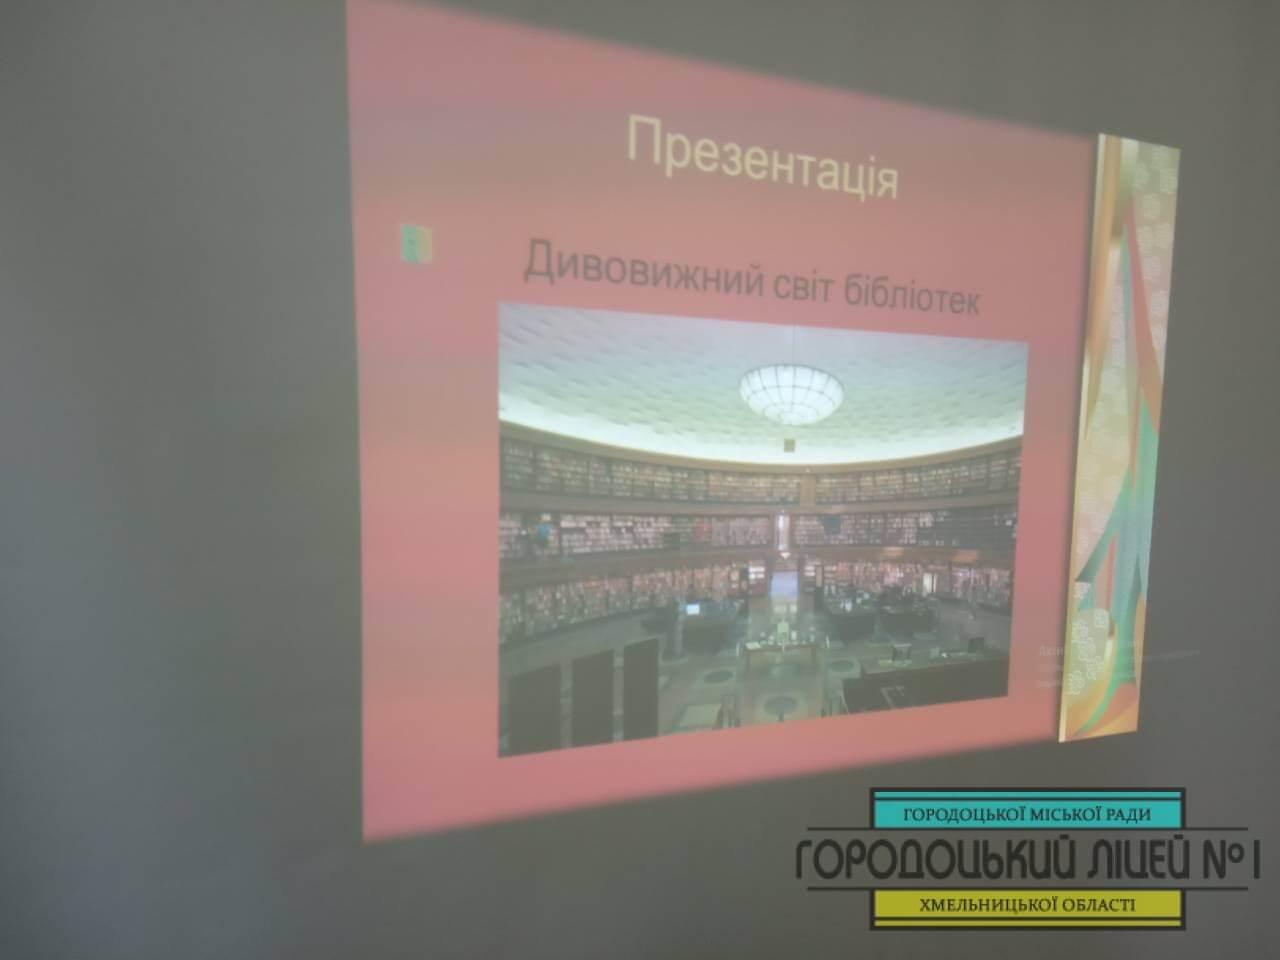 zobrazhennya viber 2019 10 02 19 59 145 - Всеукраїнський день бібліотек